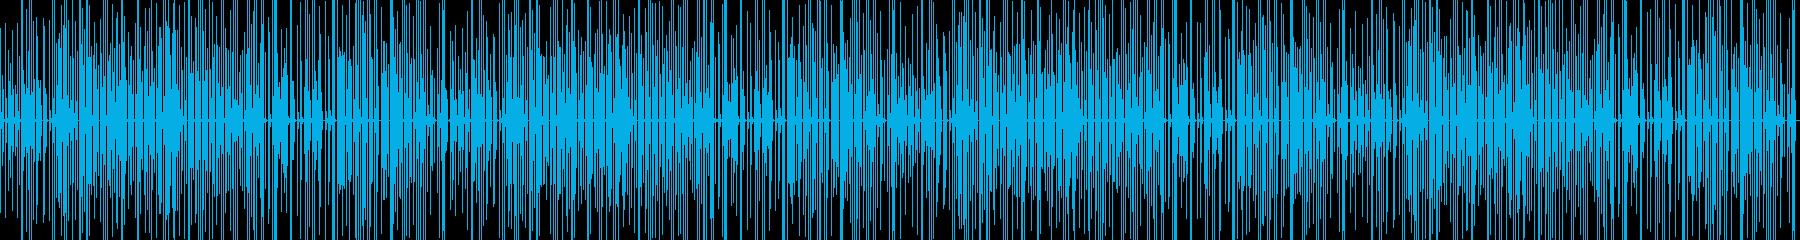 軽快でコミカルな少しとぼけた感じの楽曲の再生済みの波形